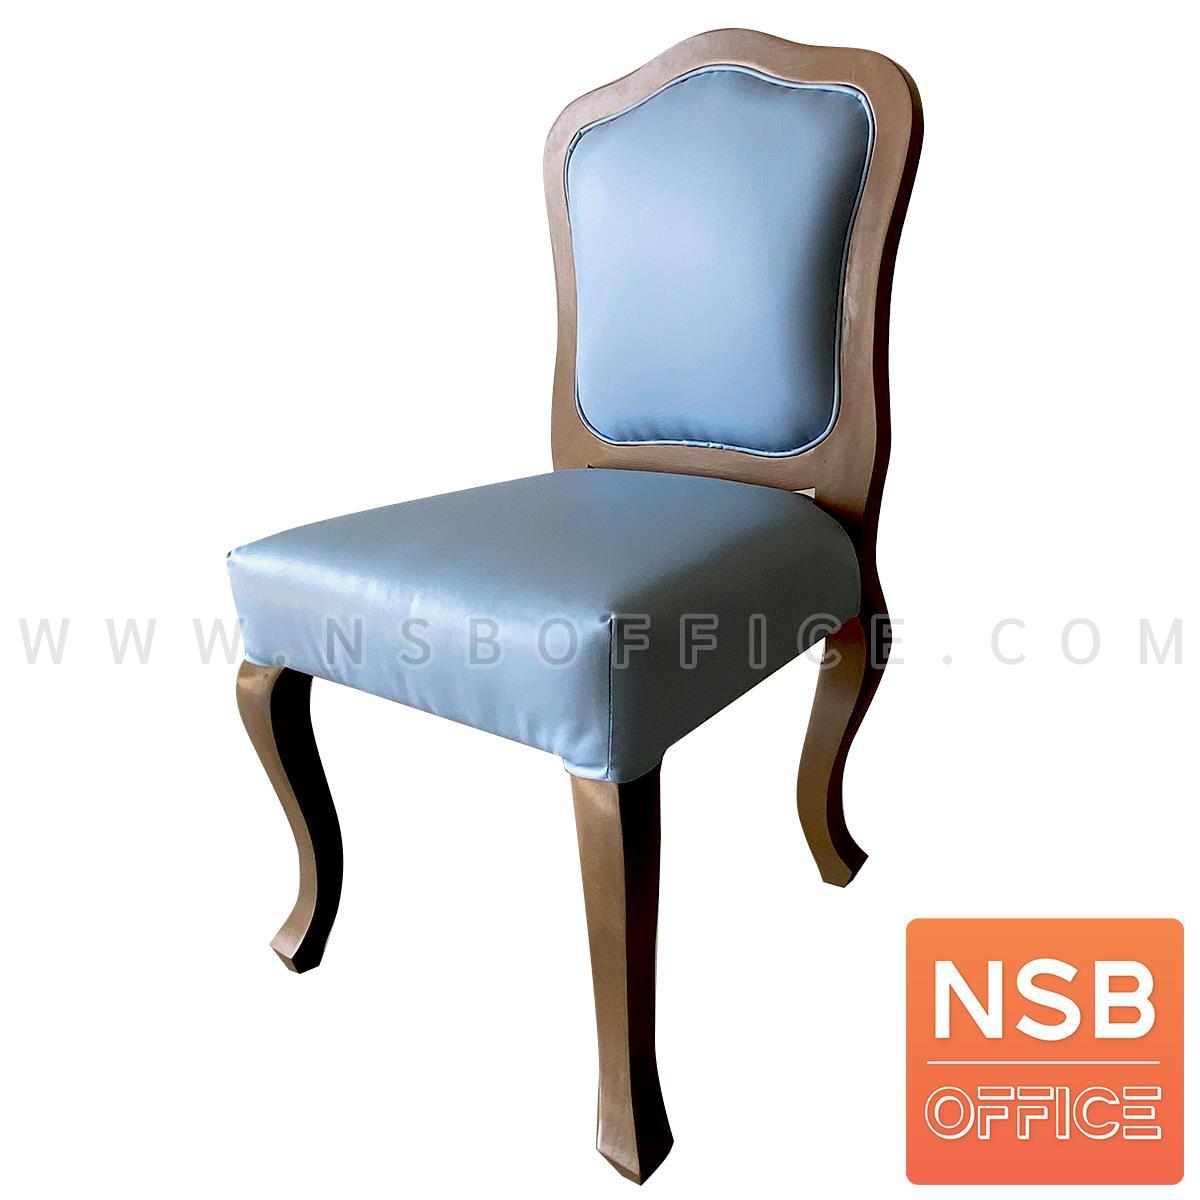 B31A052:เก้าอี้ไม้สักจริง รุ่น Cloudless 2 (คลาวเลส 2)  หนังเทียมสีฟ้า